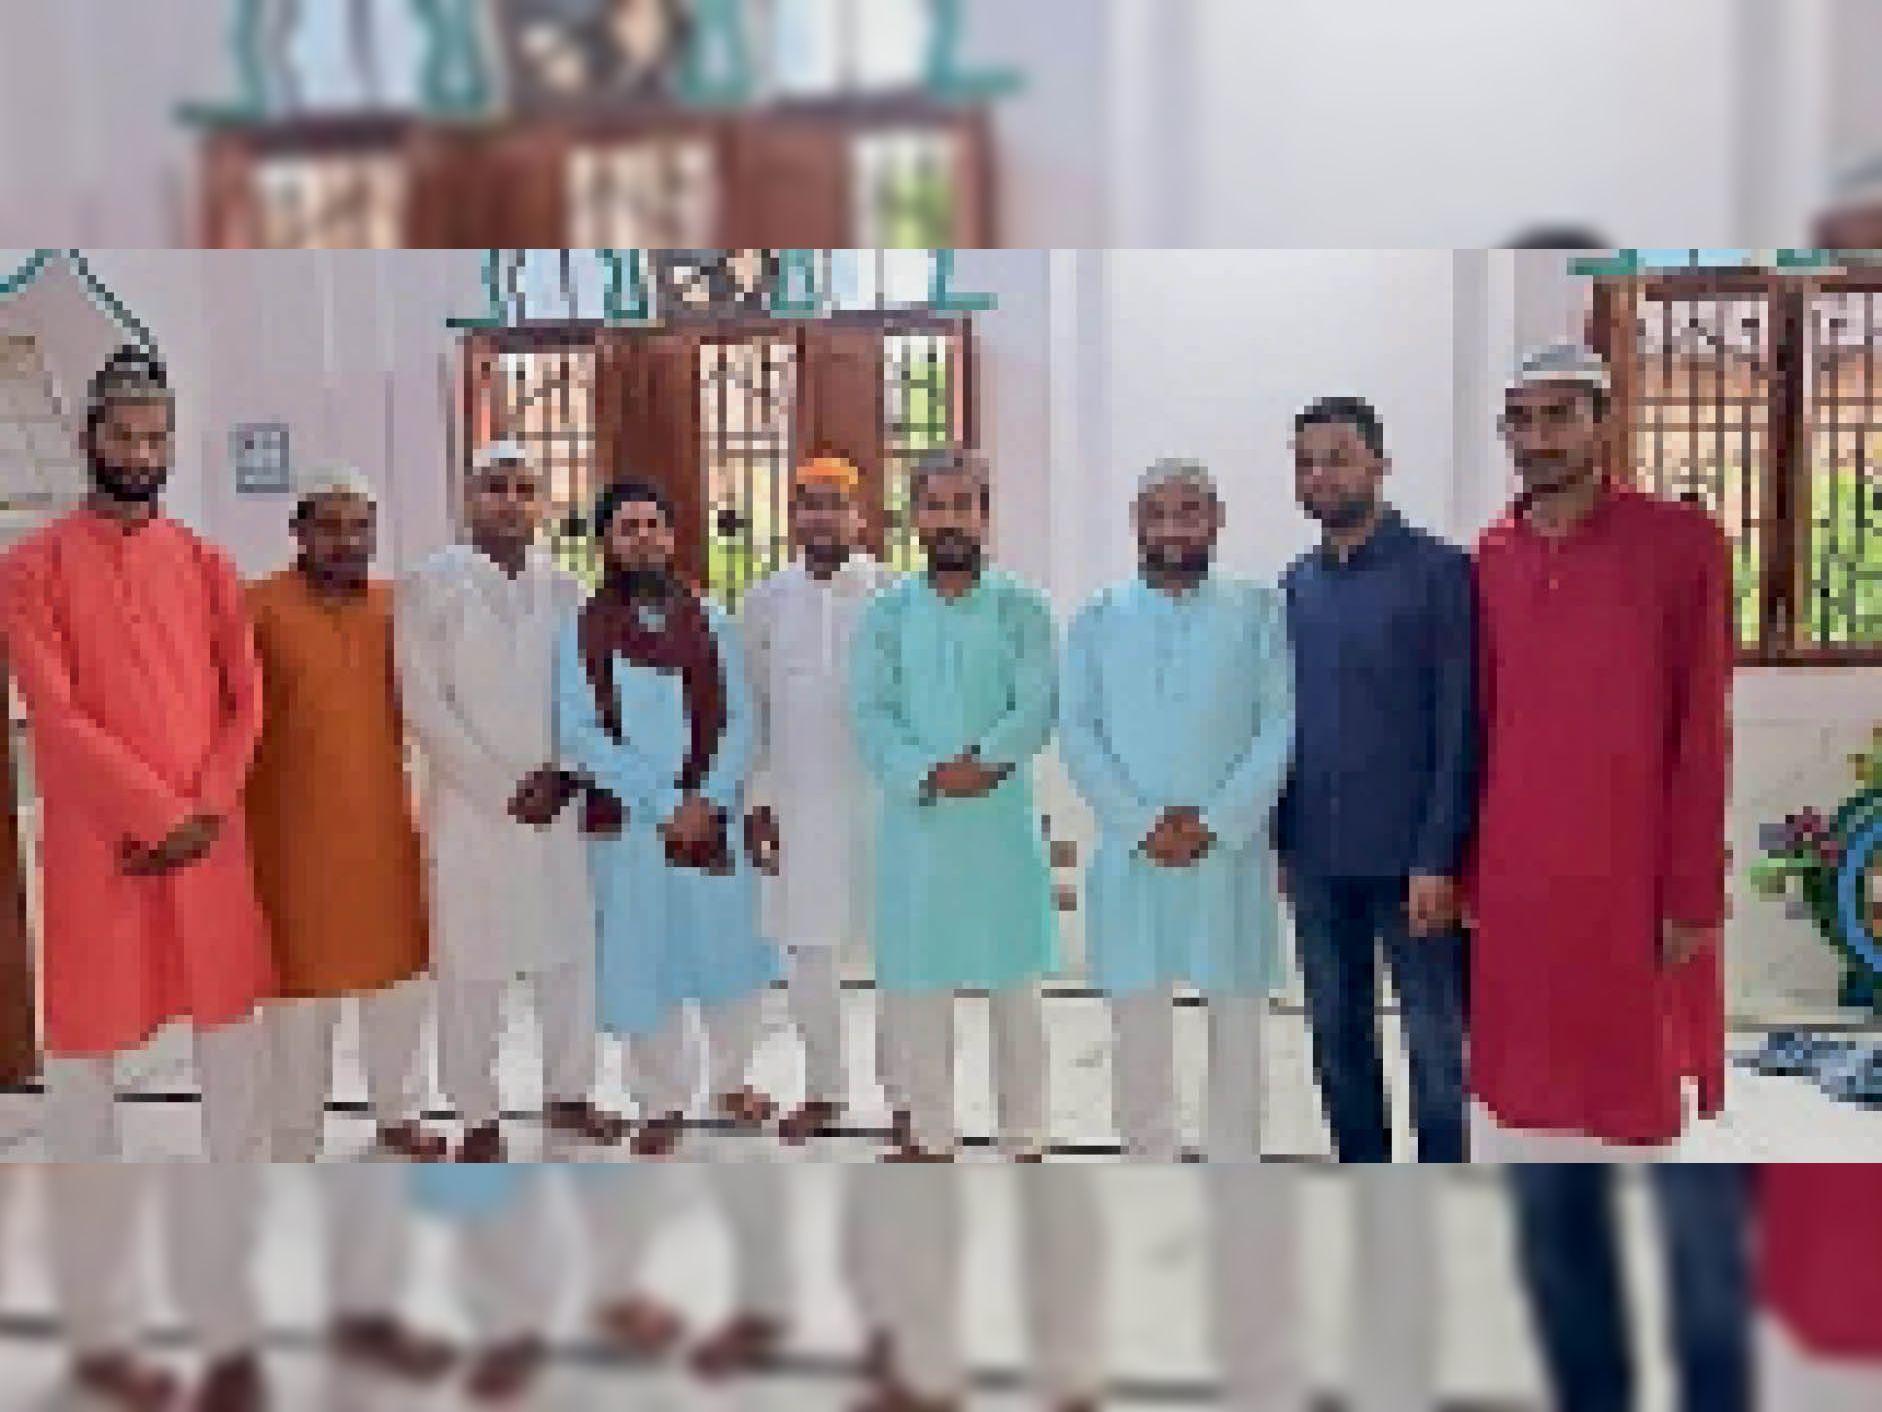 मस्जिद में ईद-उल-अजहा की नमाज अदा करने पहुंचे अकीदतमंद - Dainik Bhaskar